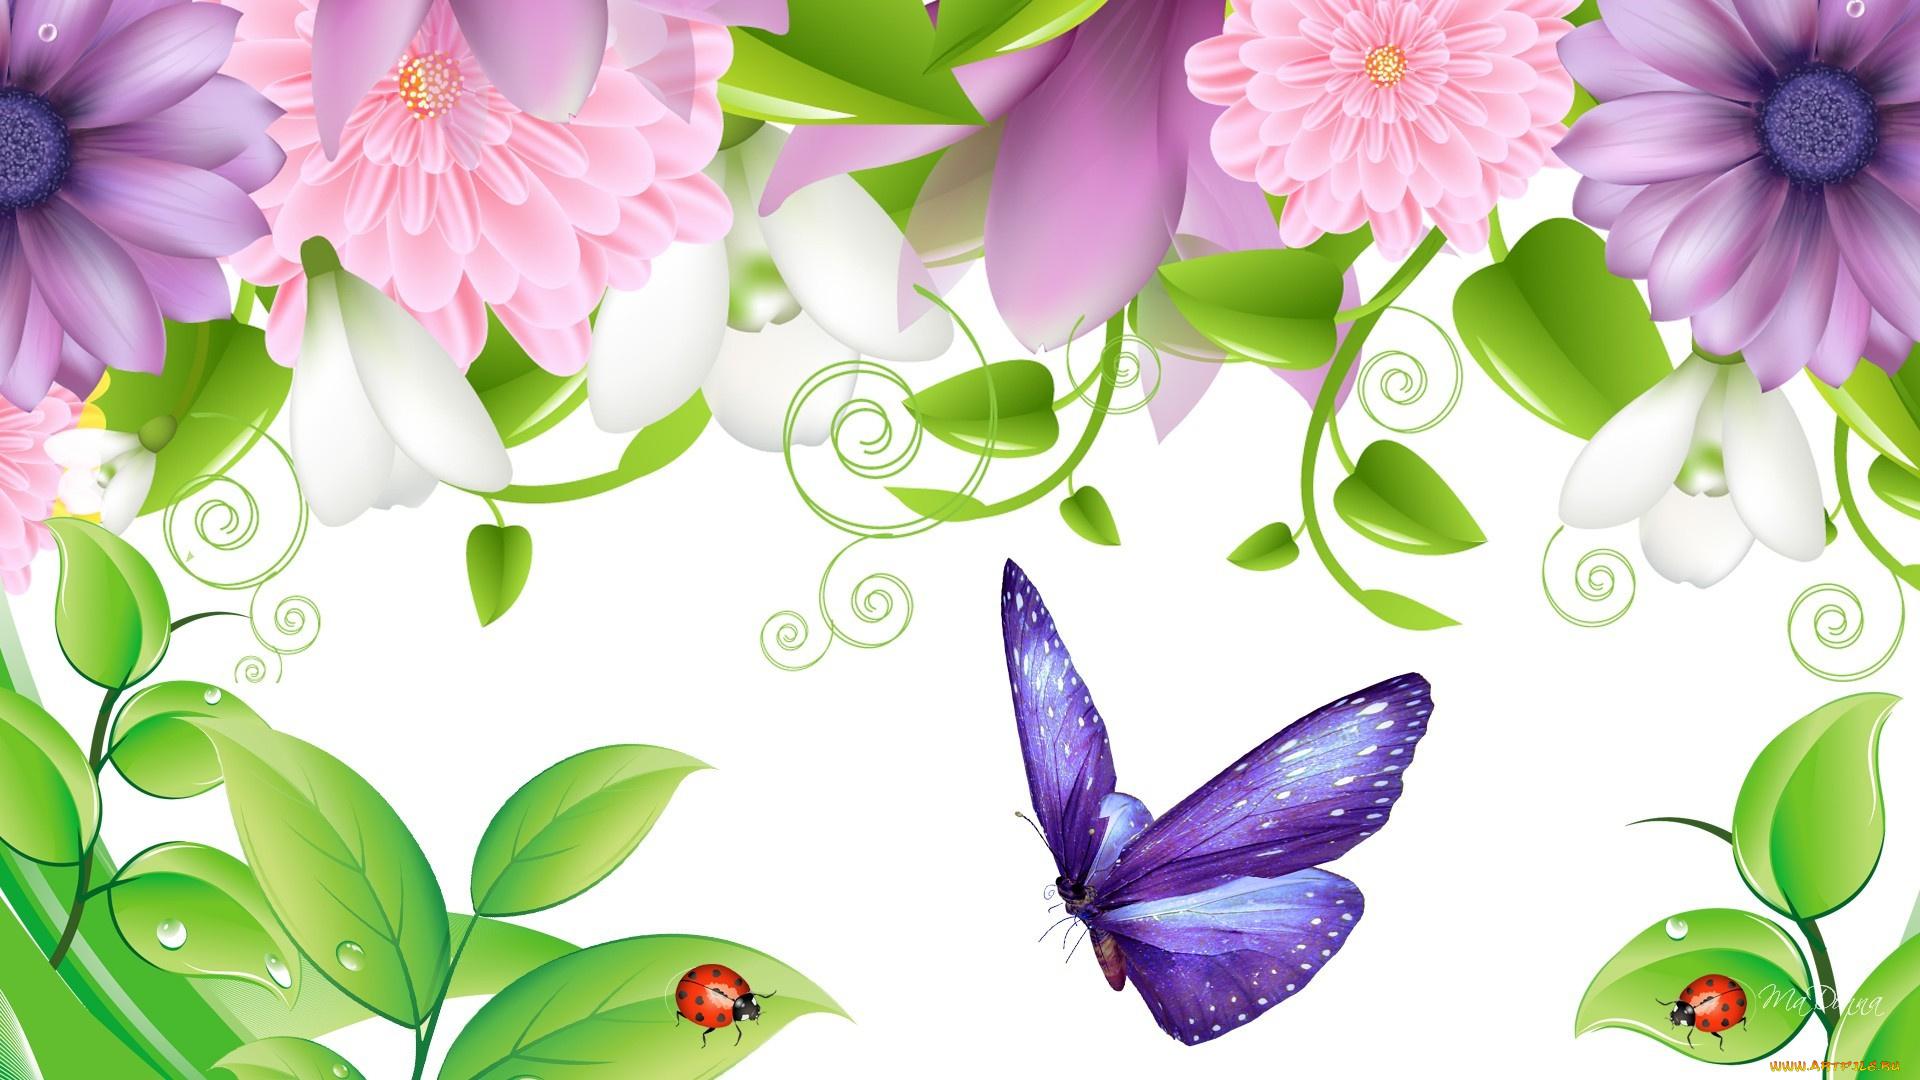 Года, векторные картинки цветы и бабочки